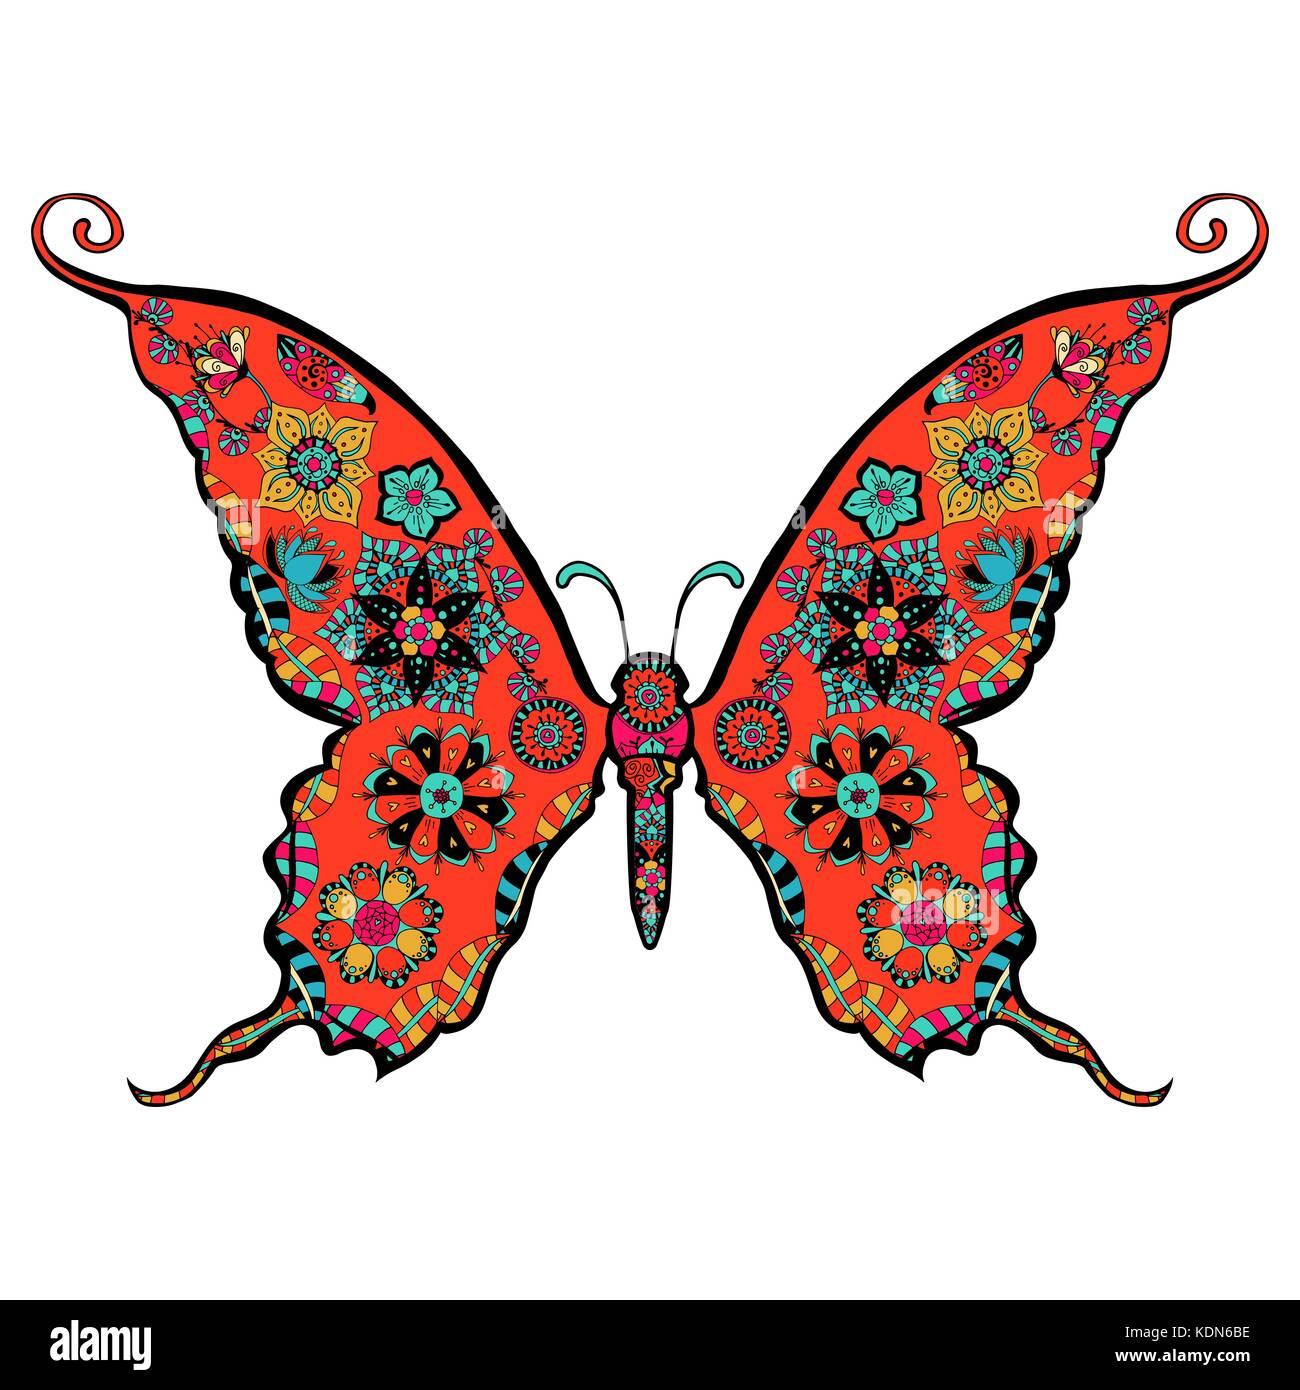 wunderschönen Schmetterling Malvorlagen in exquisitem Stil Vektor ...